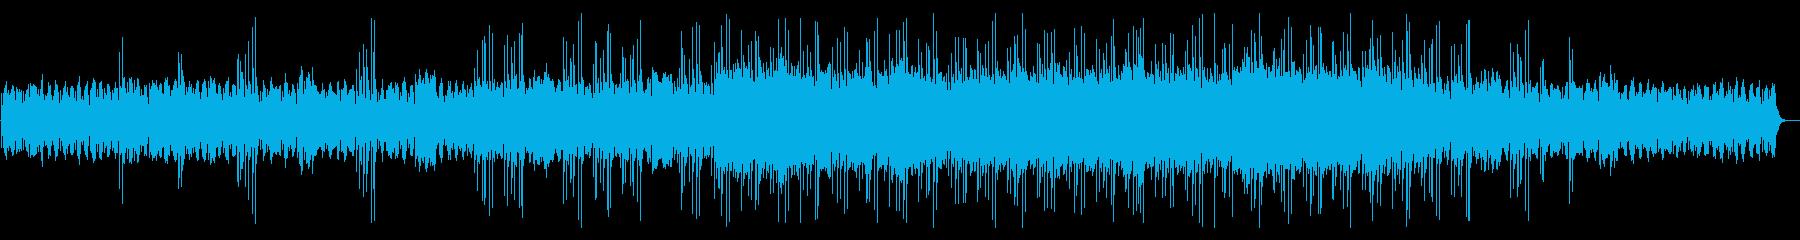 ヒーリング・ミュージックの再生済みの波形